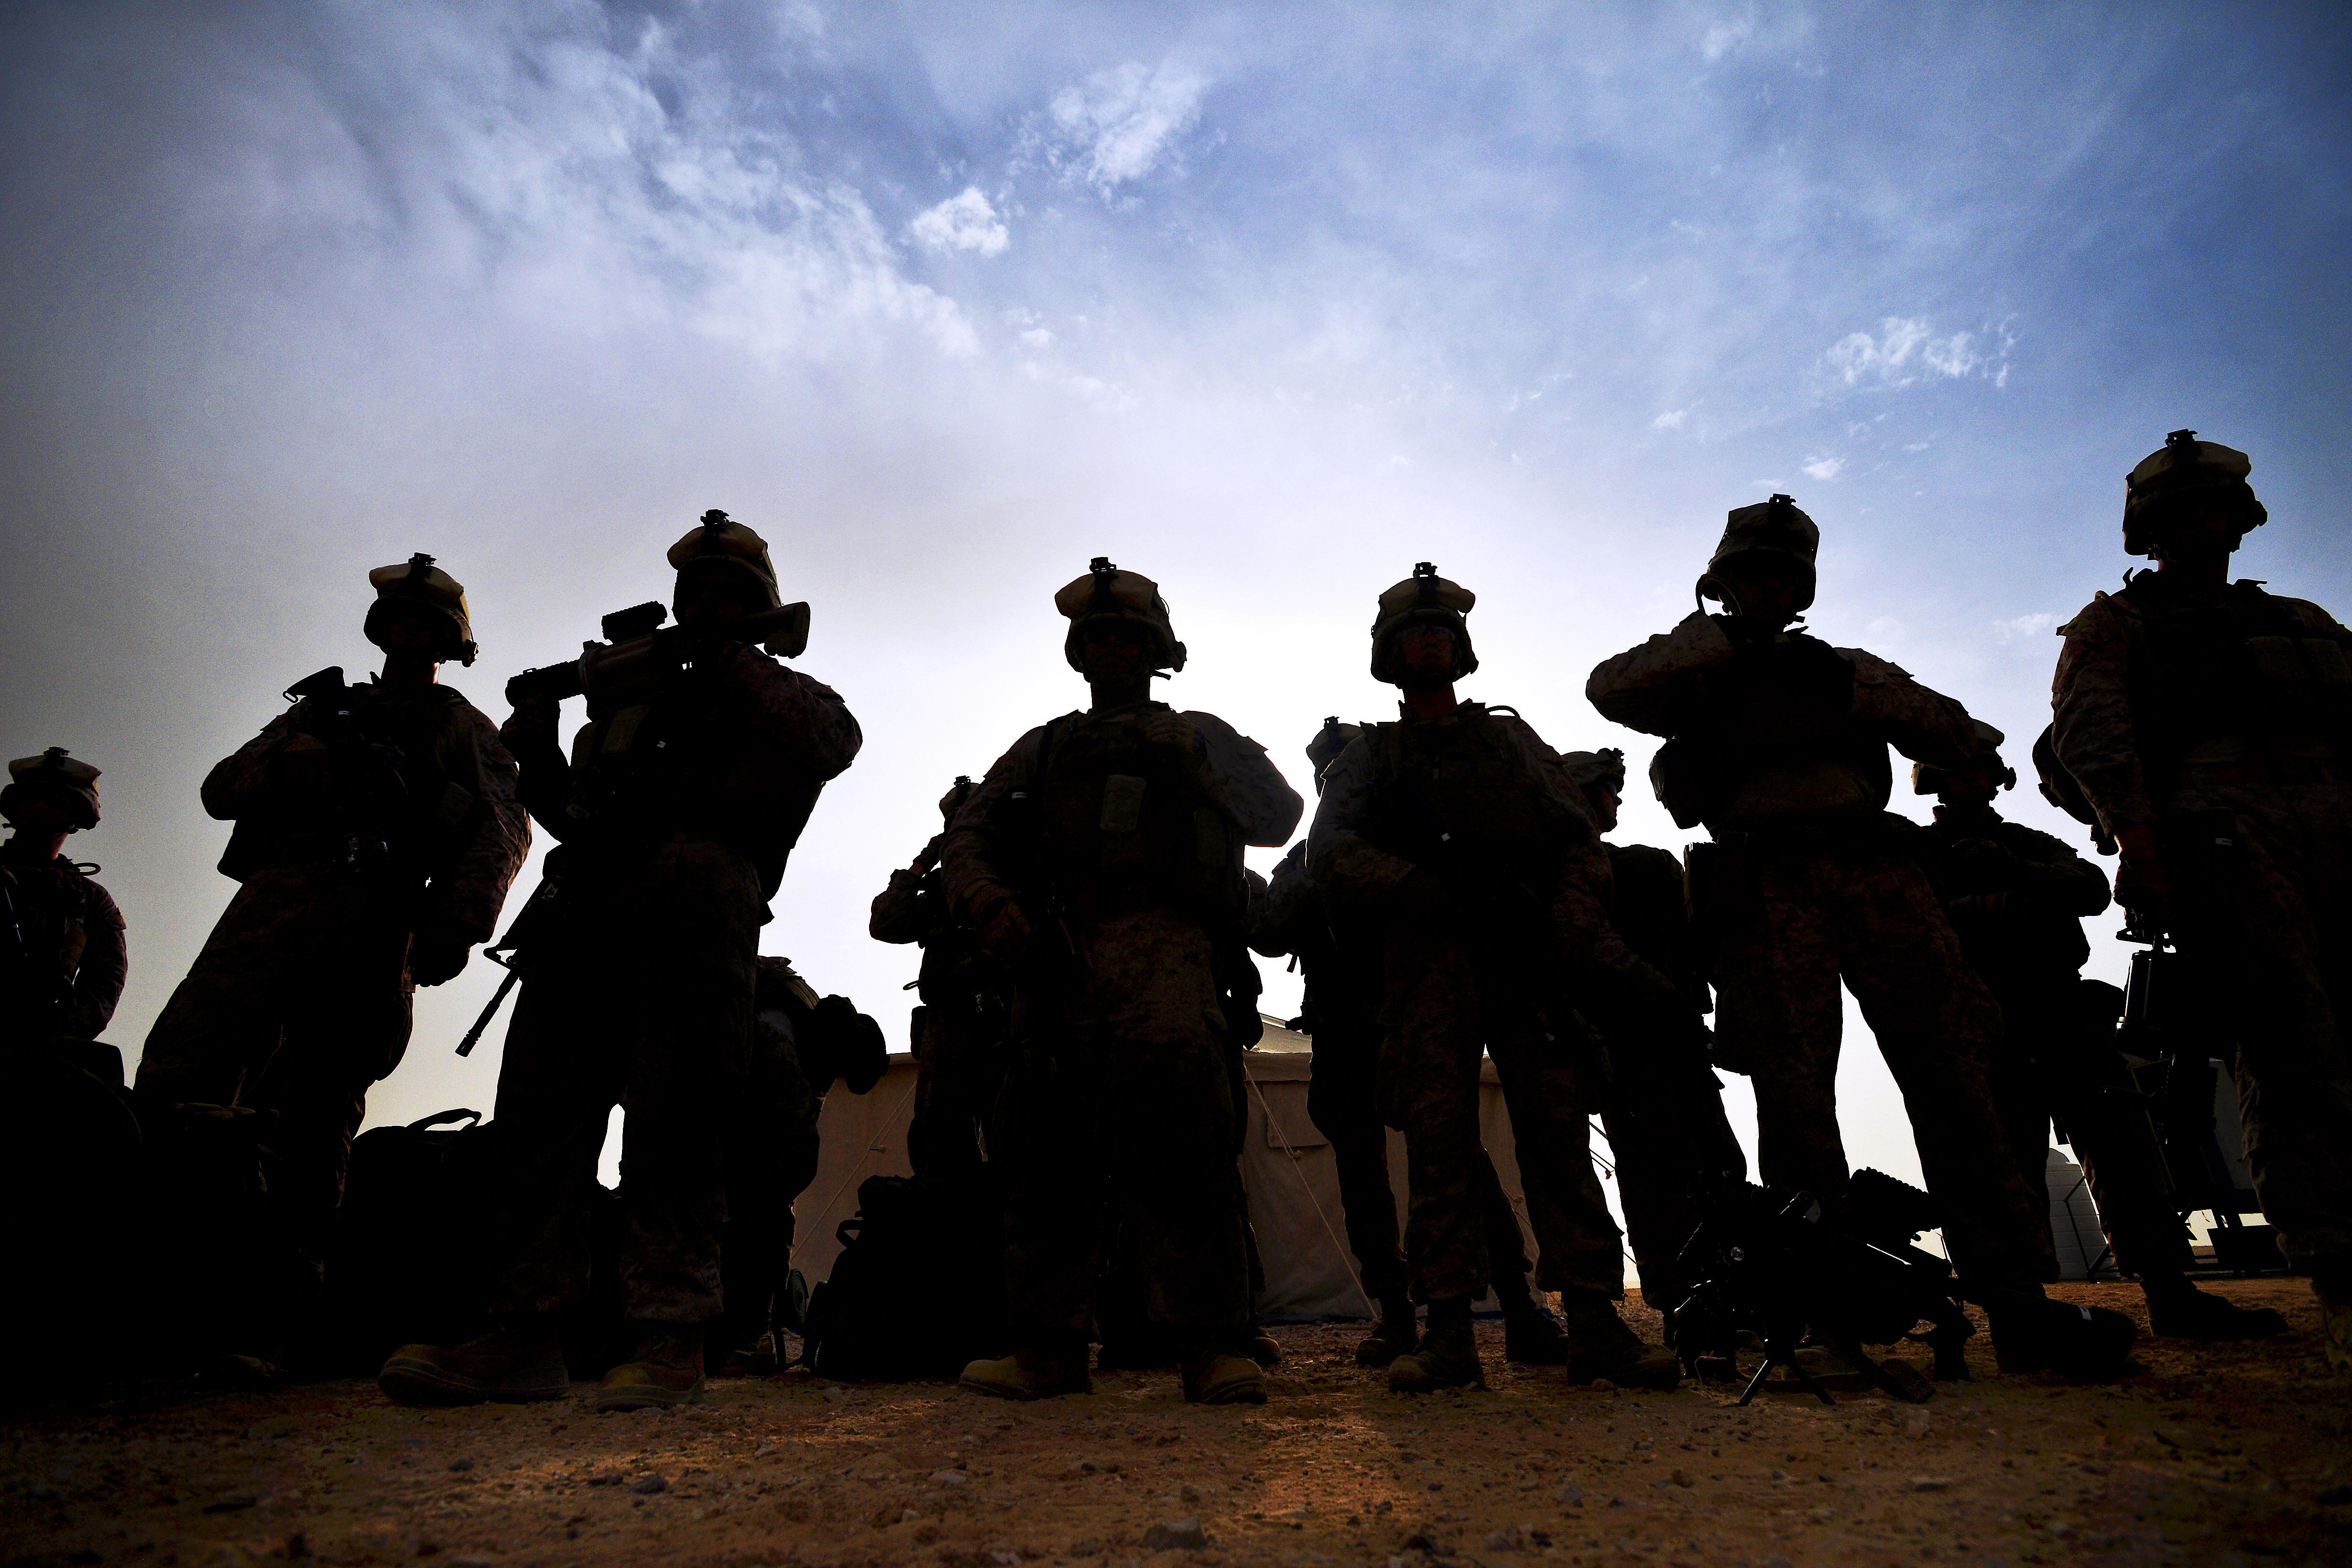 Usmc leading marines essay